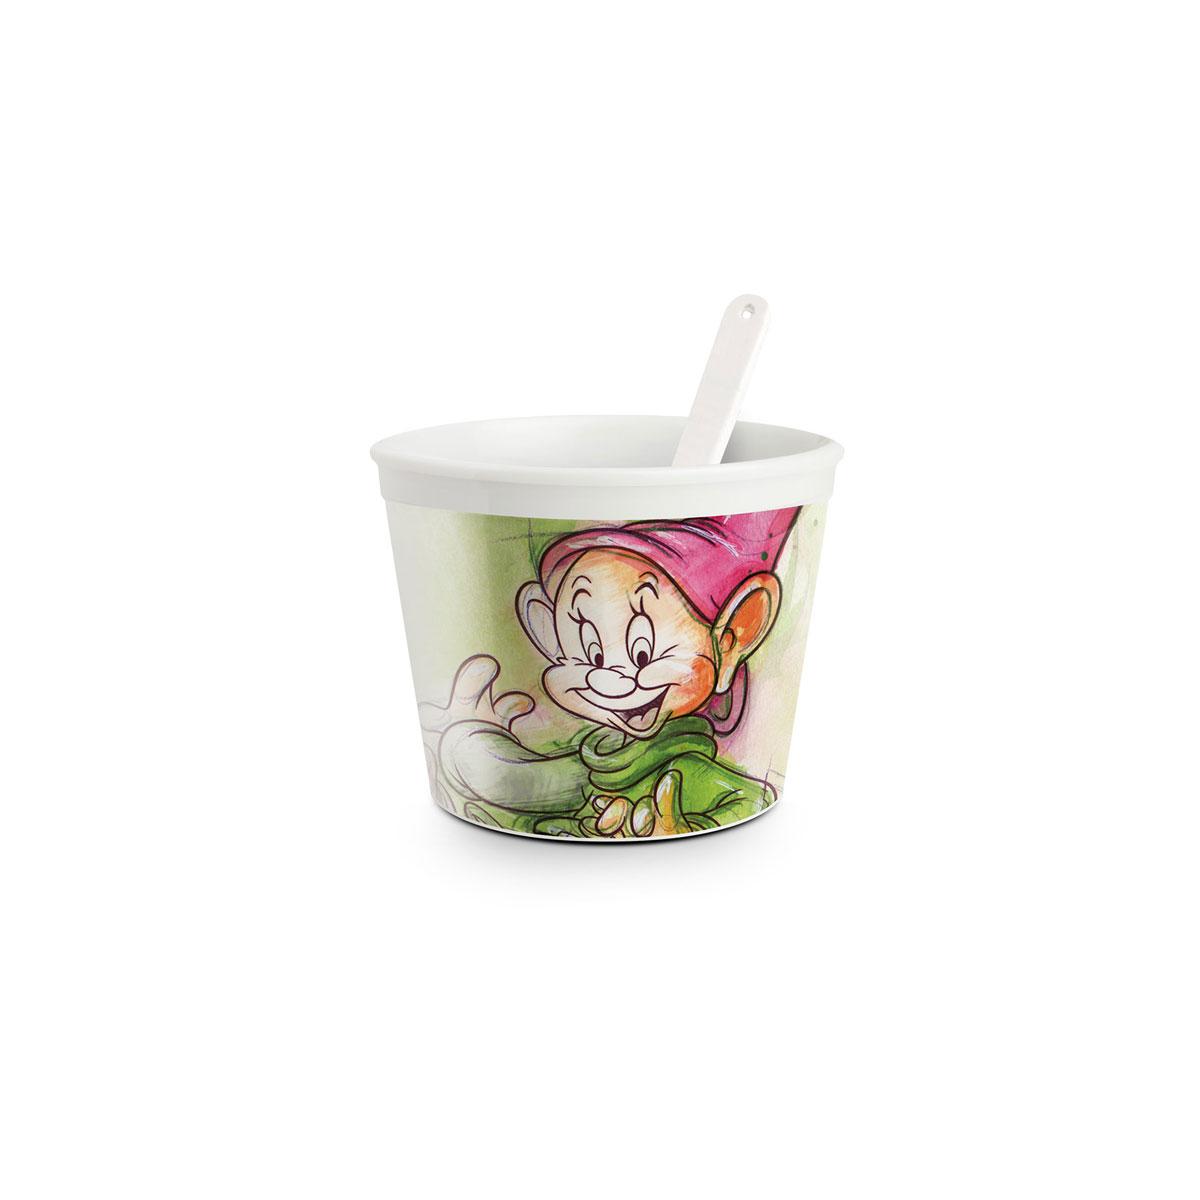 Ice Cream Dopey With Spoon 7 Dwarfs - Disney Home